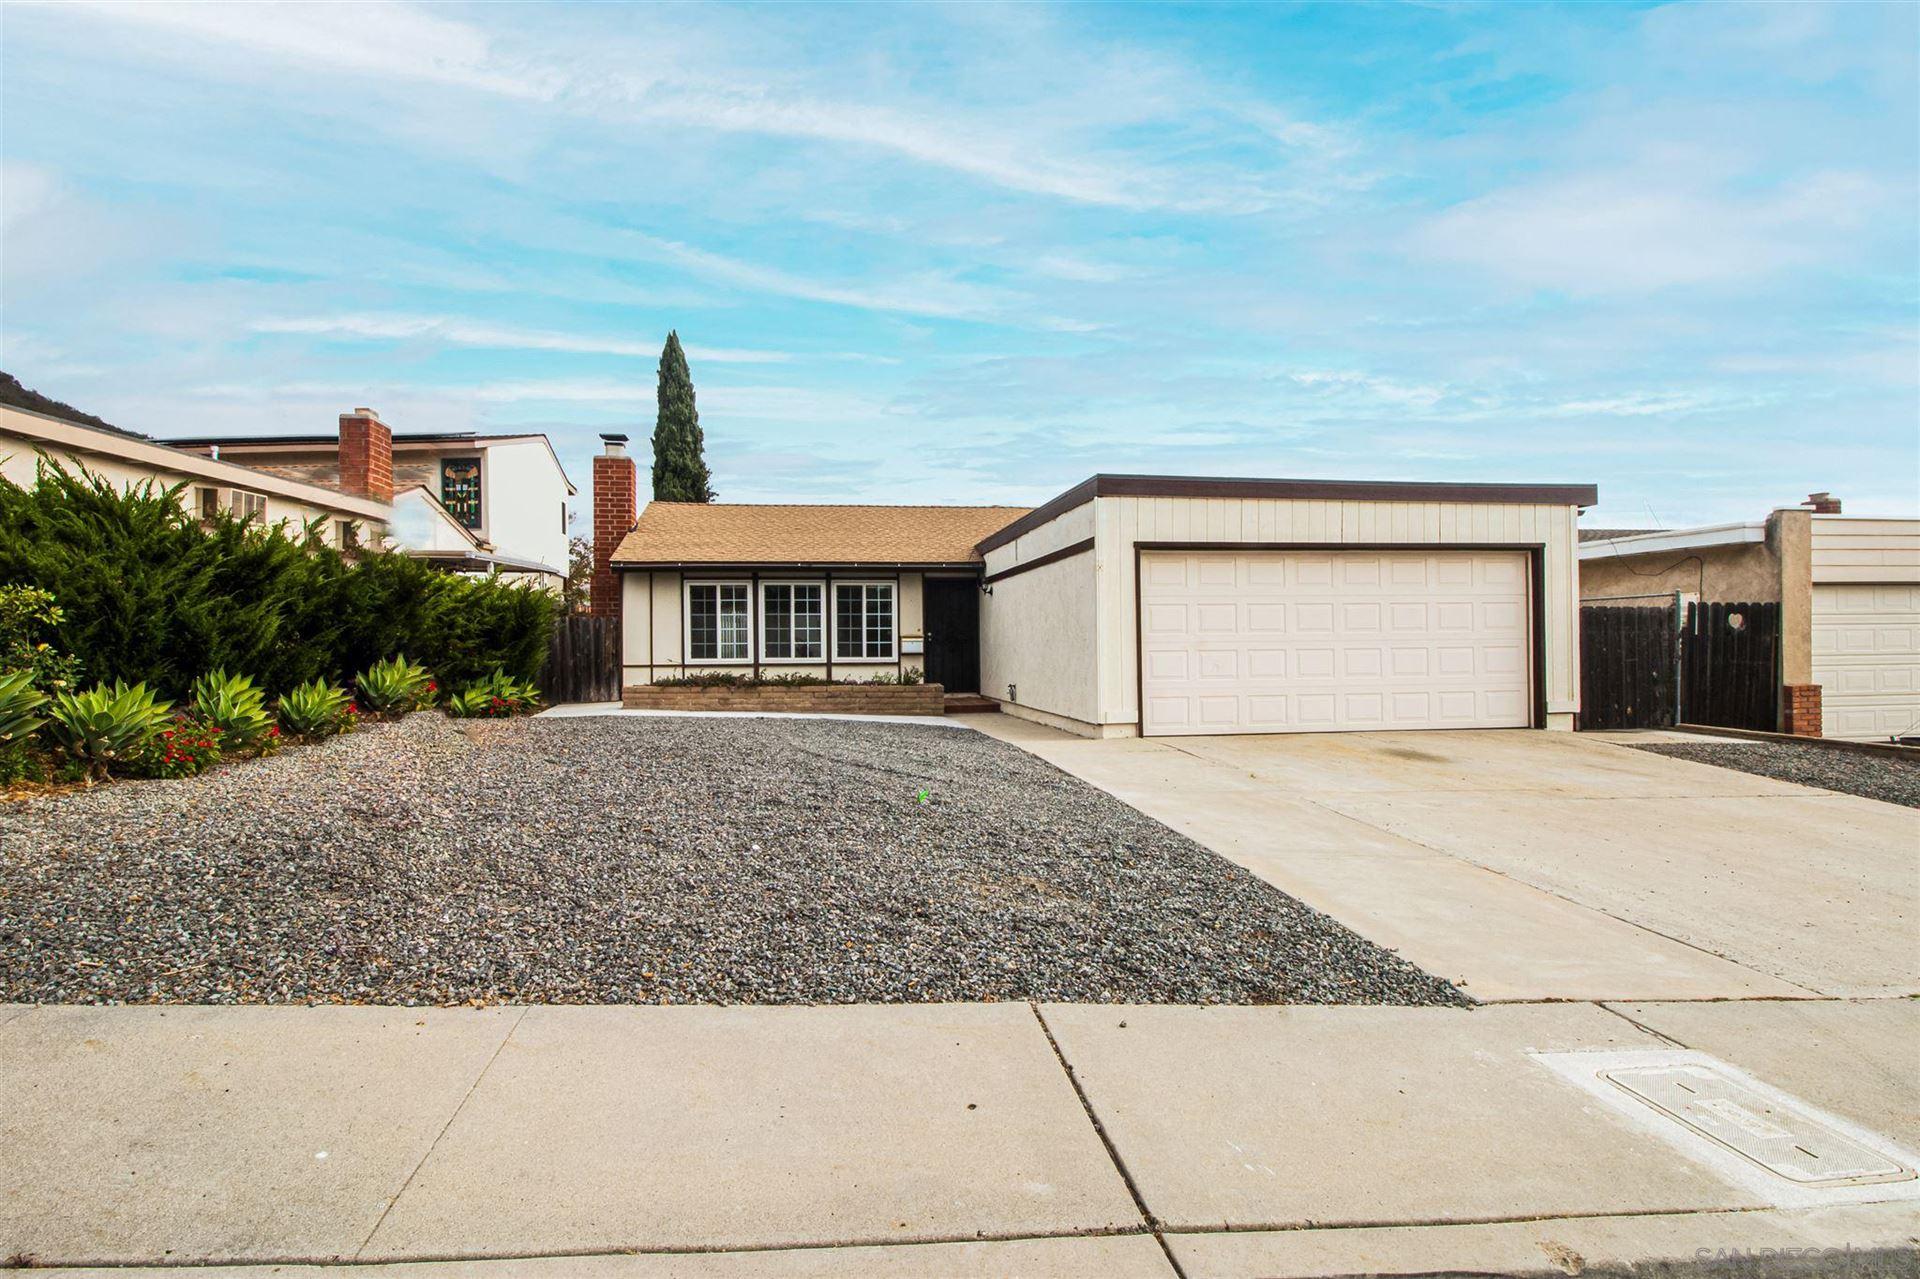 8416 Barker Drive, San Diego, CA 92119 - MLS#: 200036546